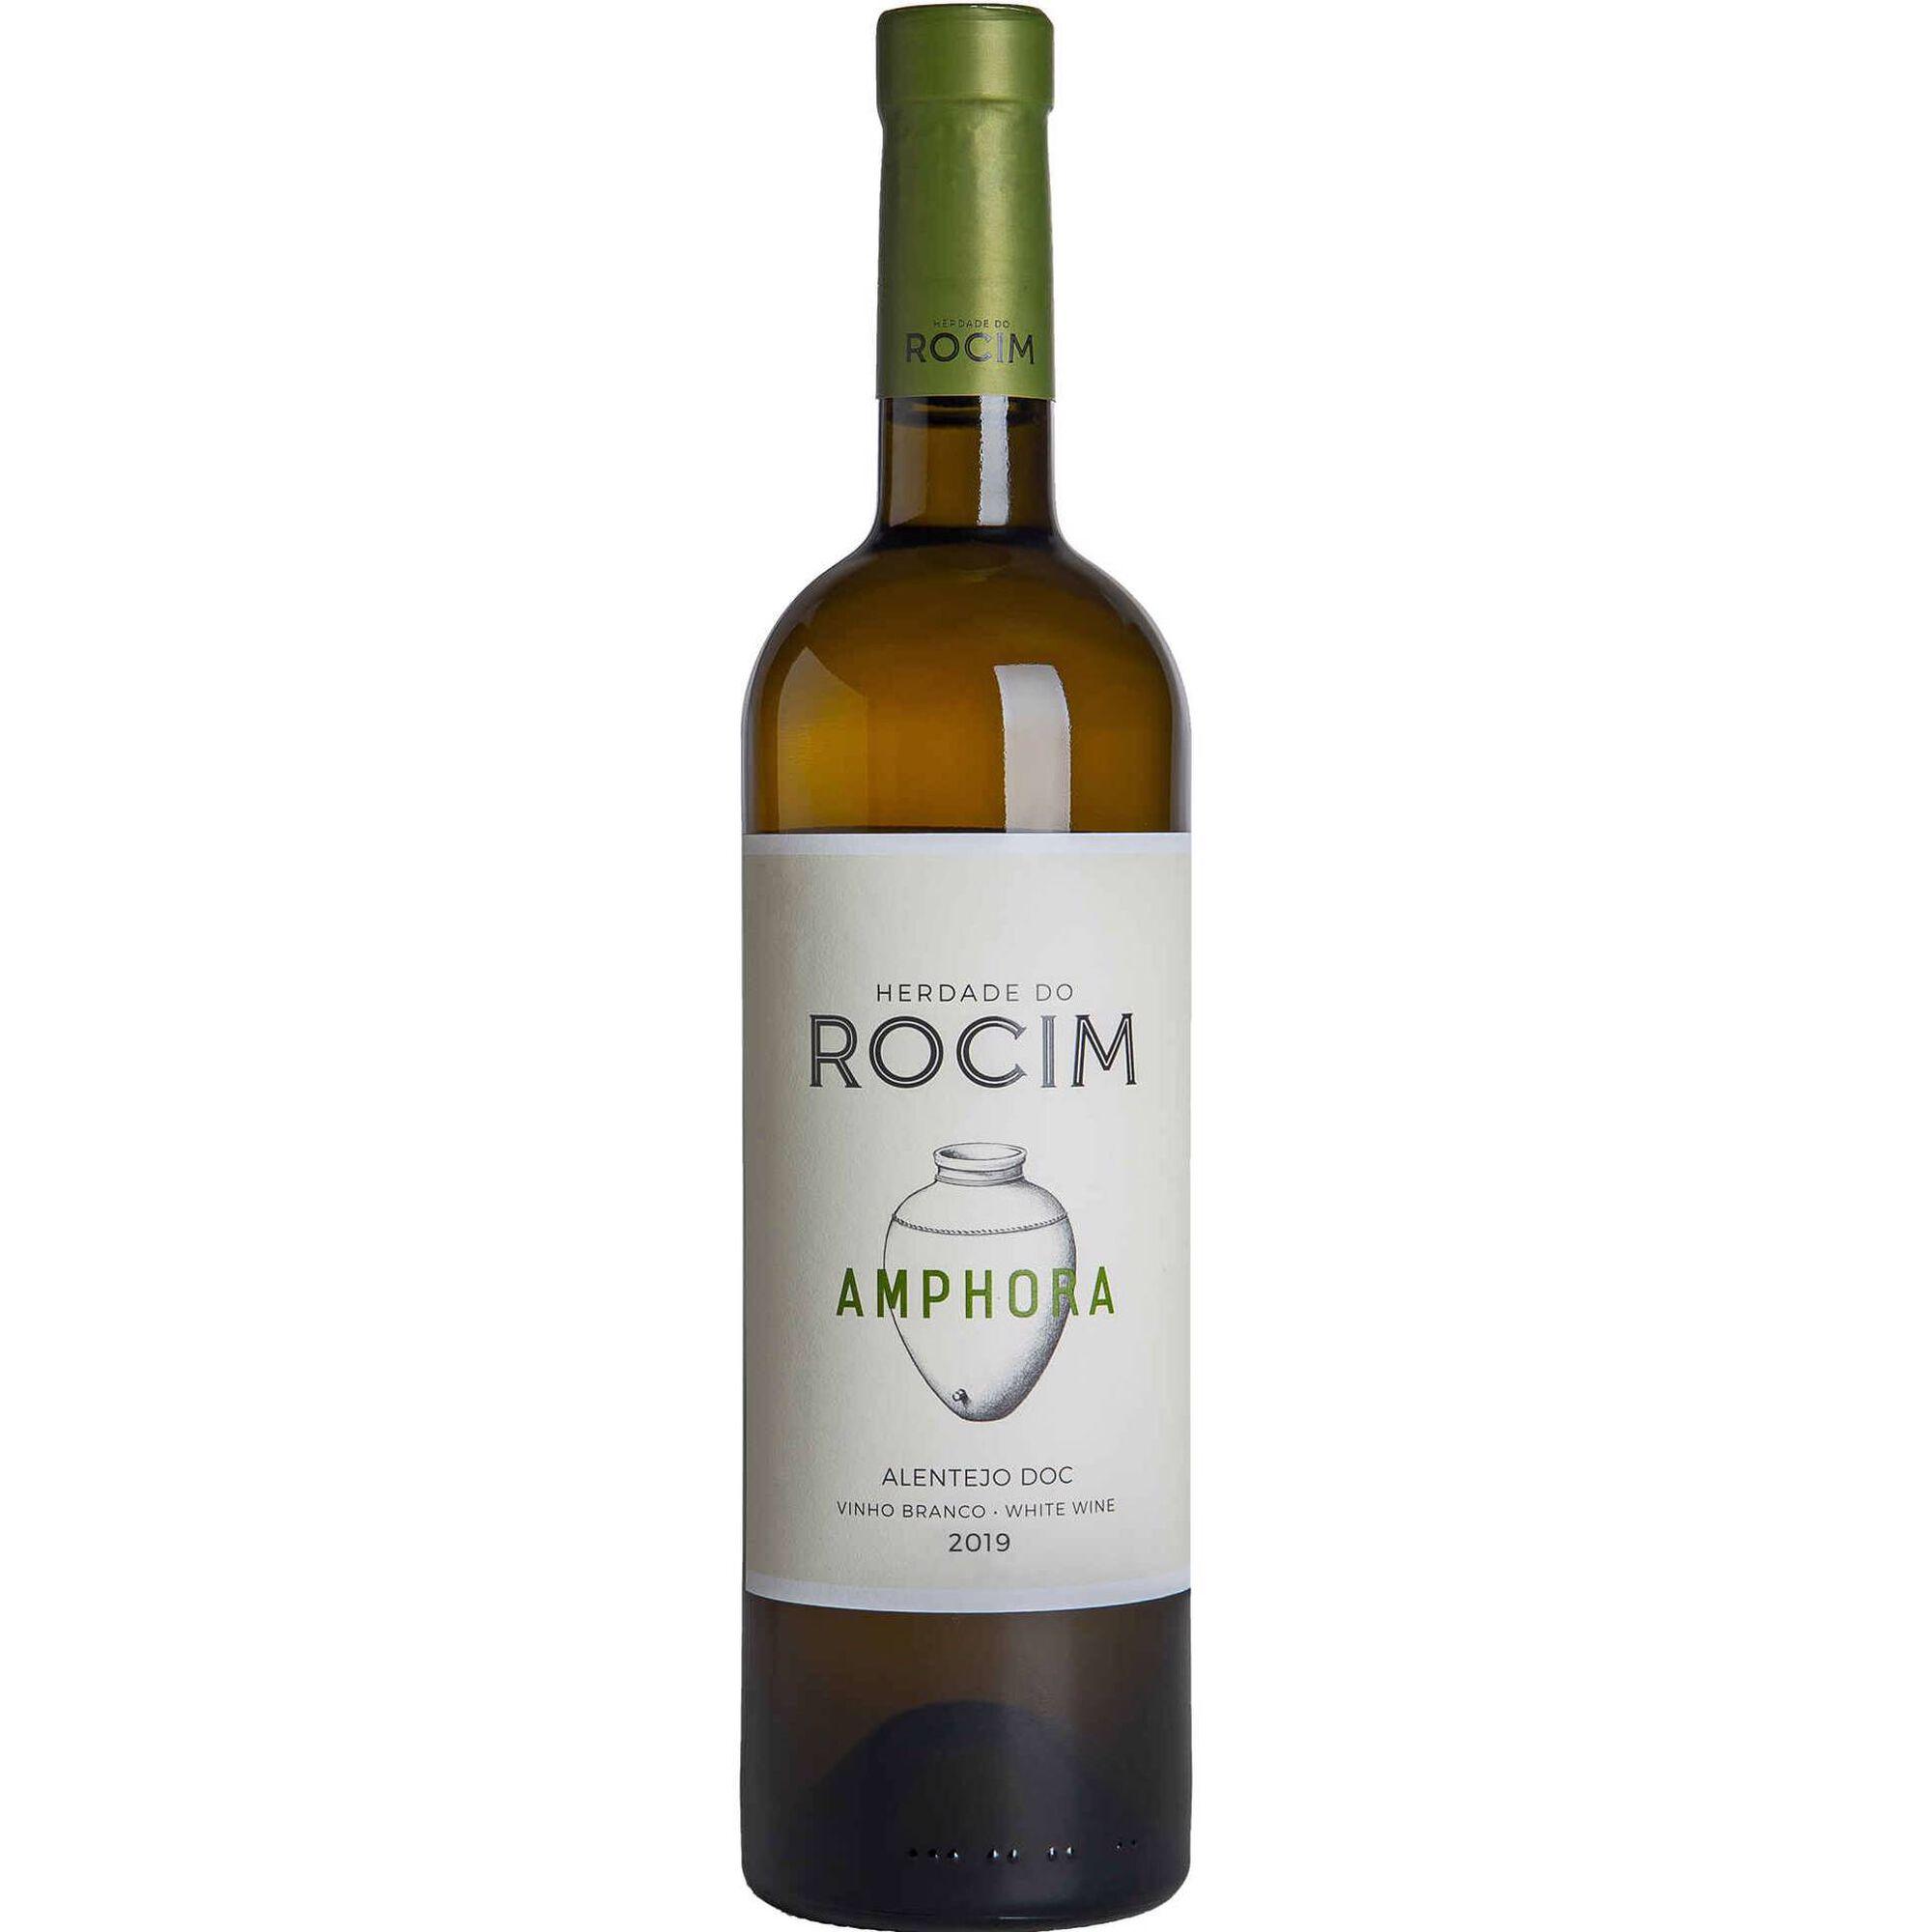 Rocim Amphora DOC Alentejo Vinho Branco